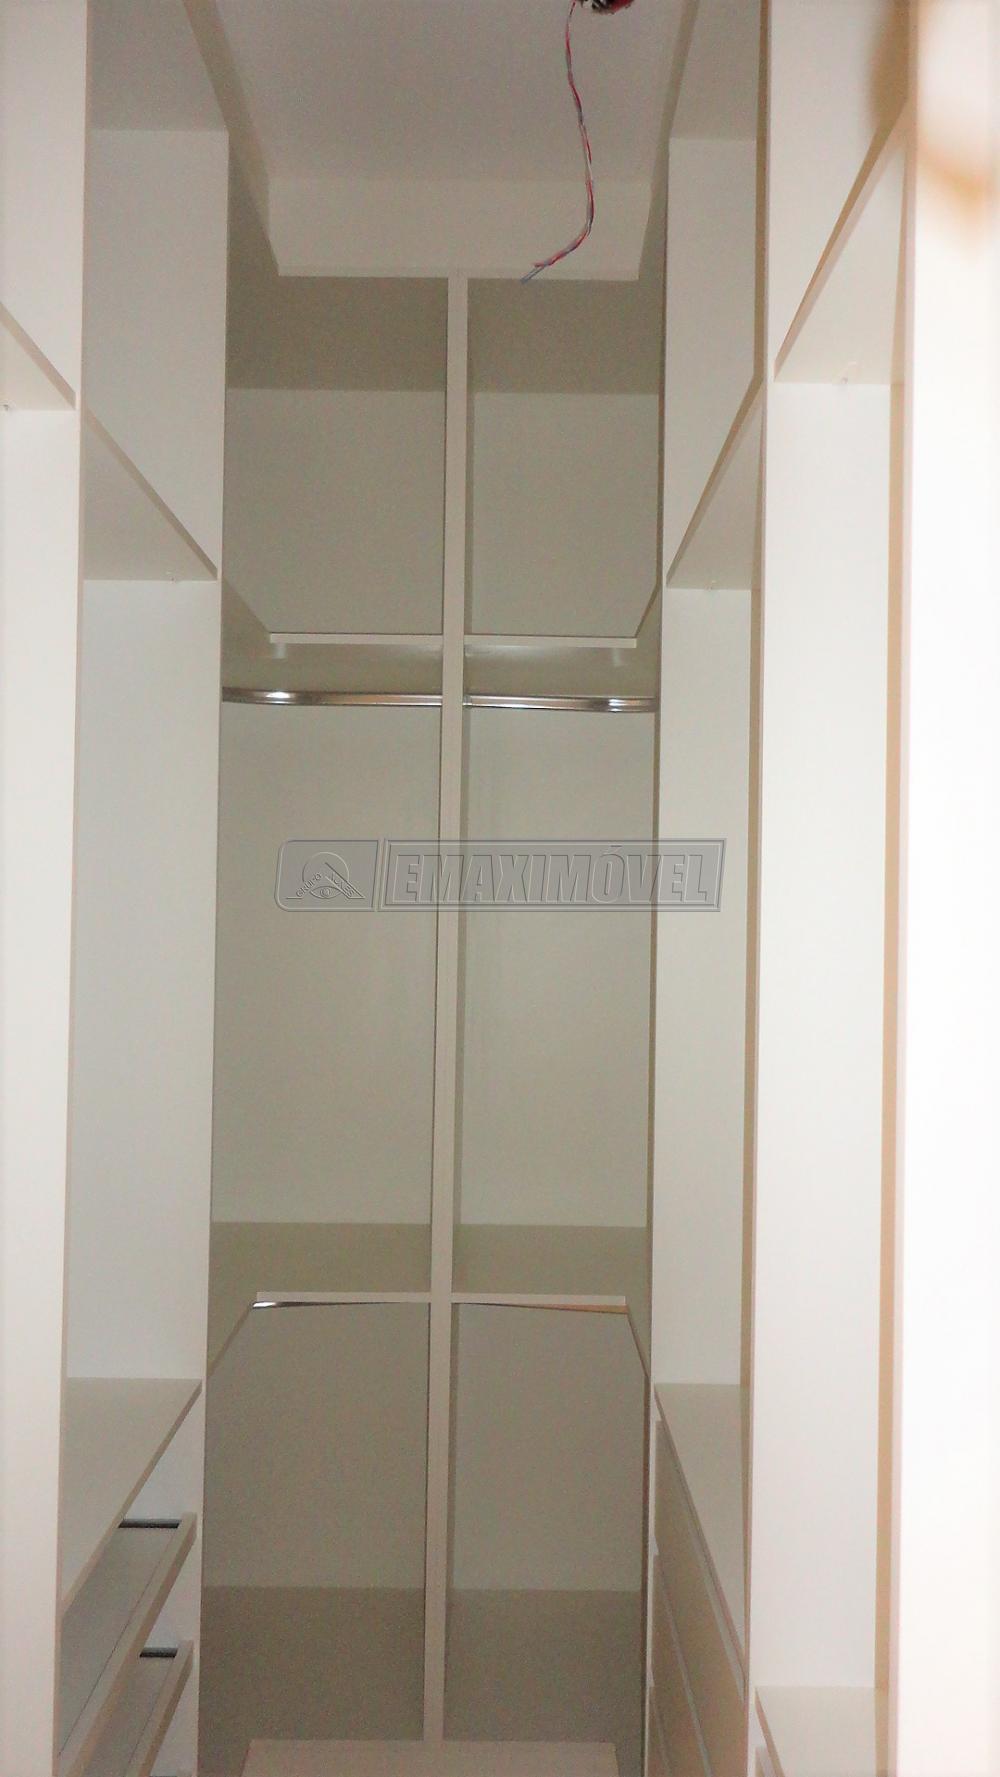 Comprar Casas / em Condomínios em Sorocaba apenas R$ 820.000,00 - Foto 27